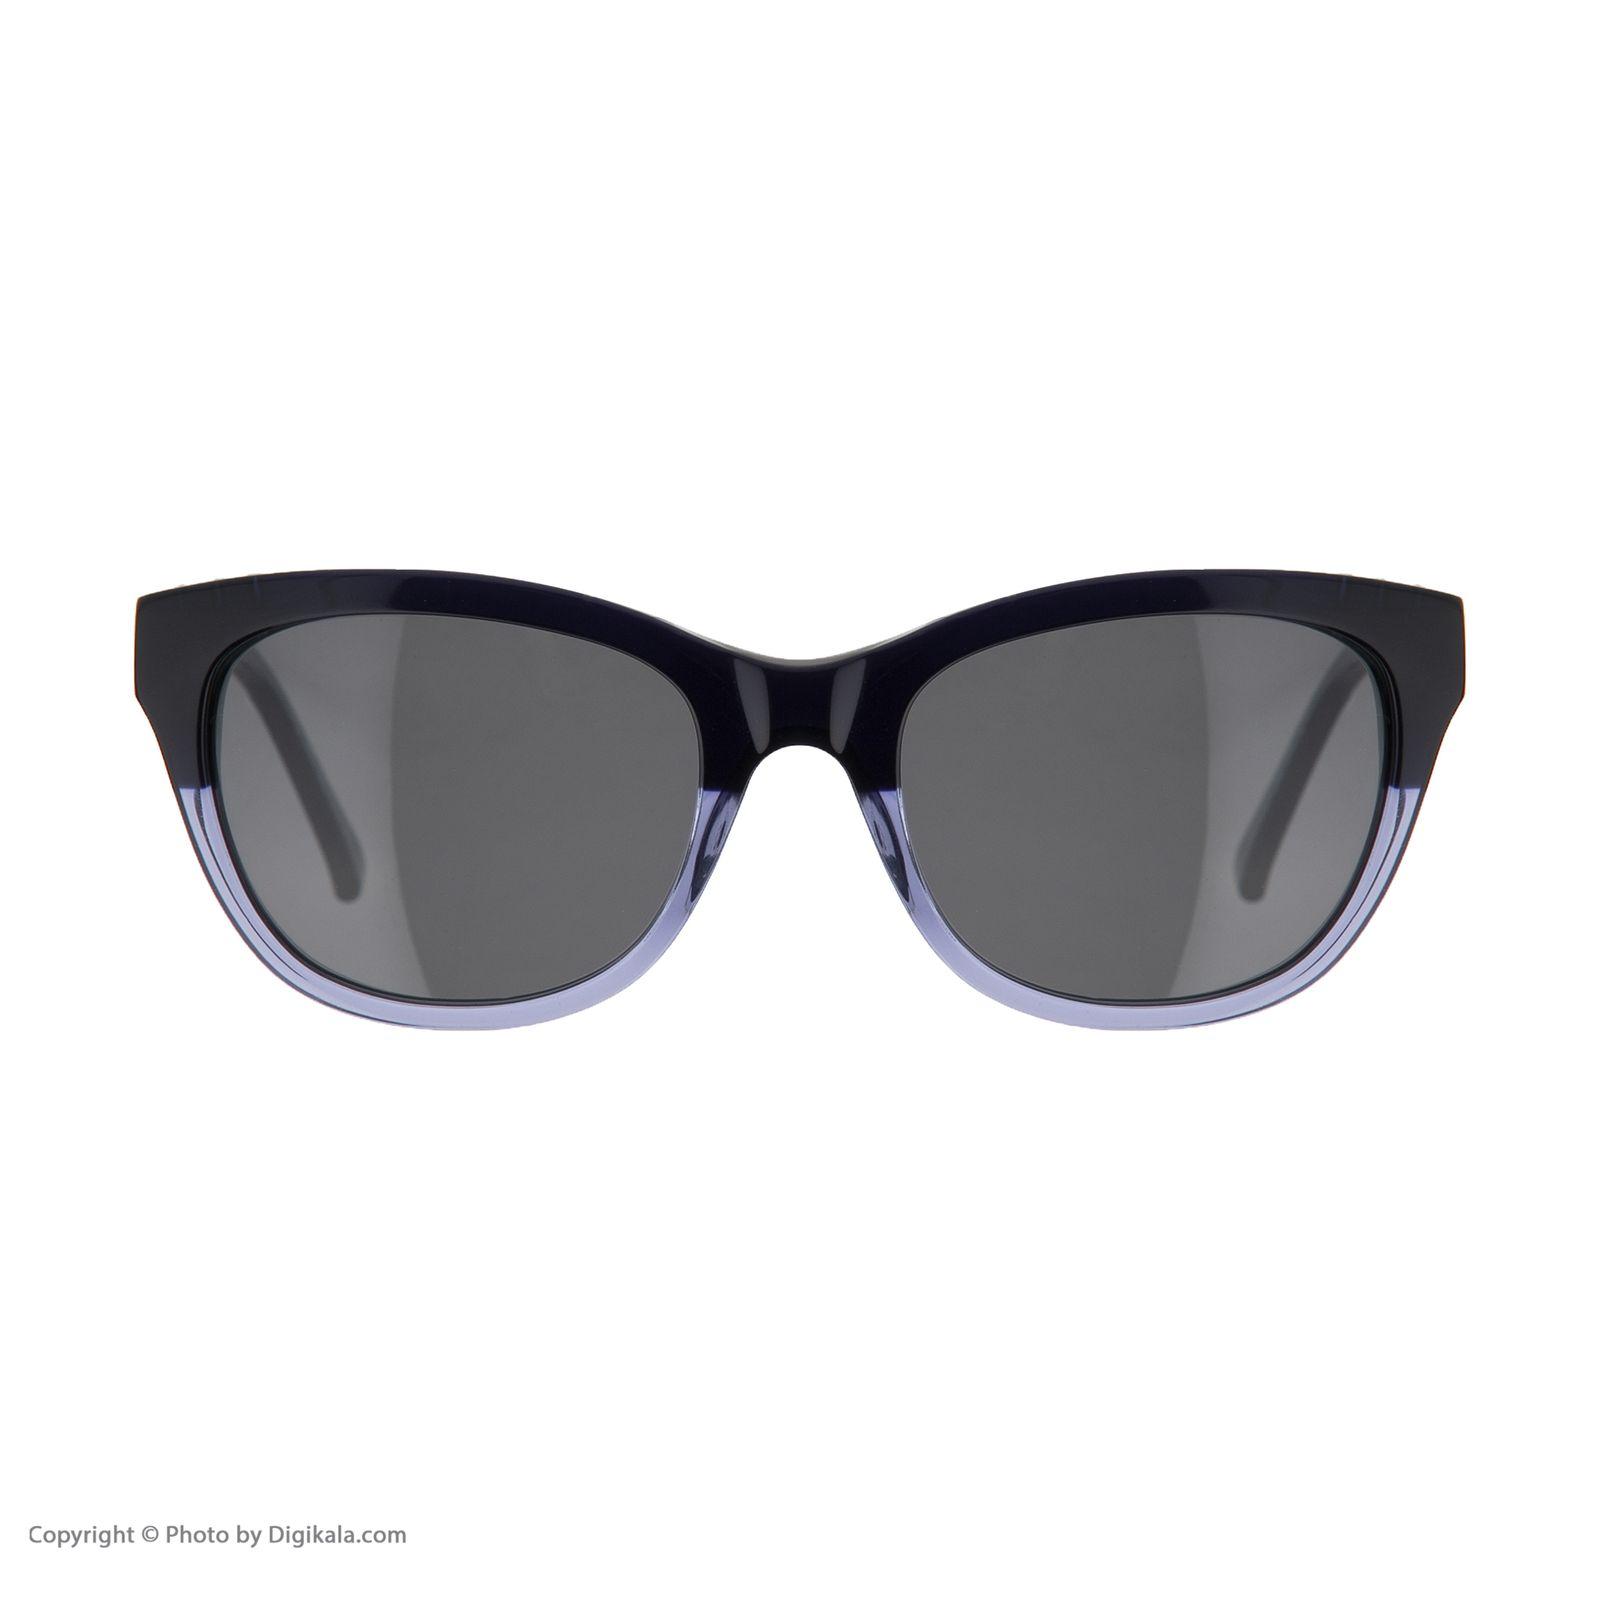 عینک آفتابی زنانه ویستان مدل 7994003 -  - 1